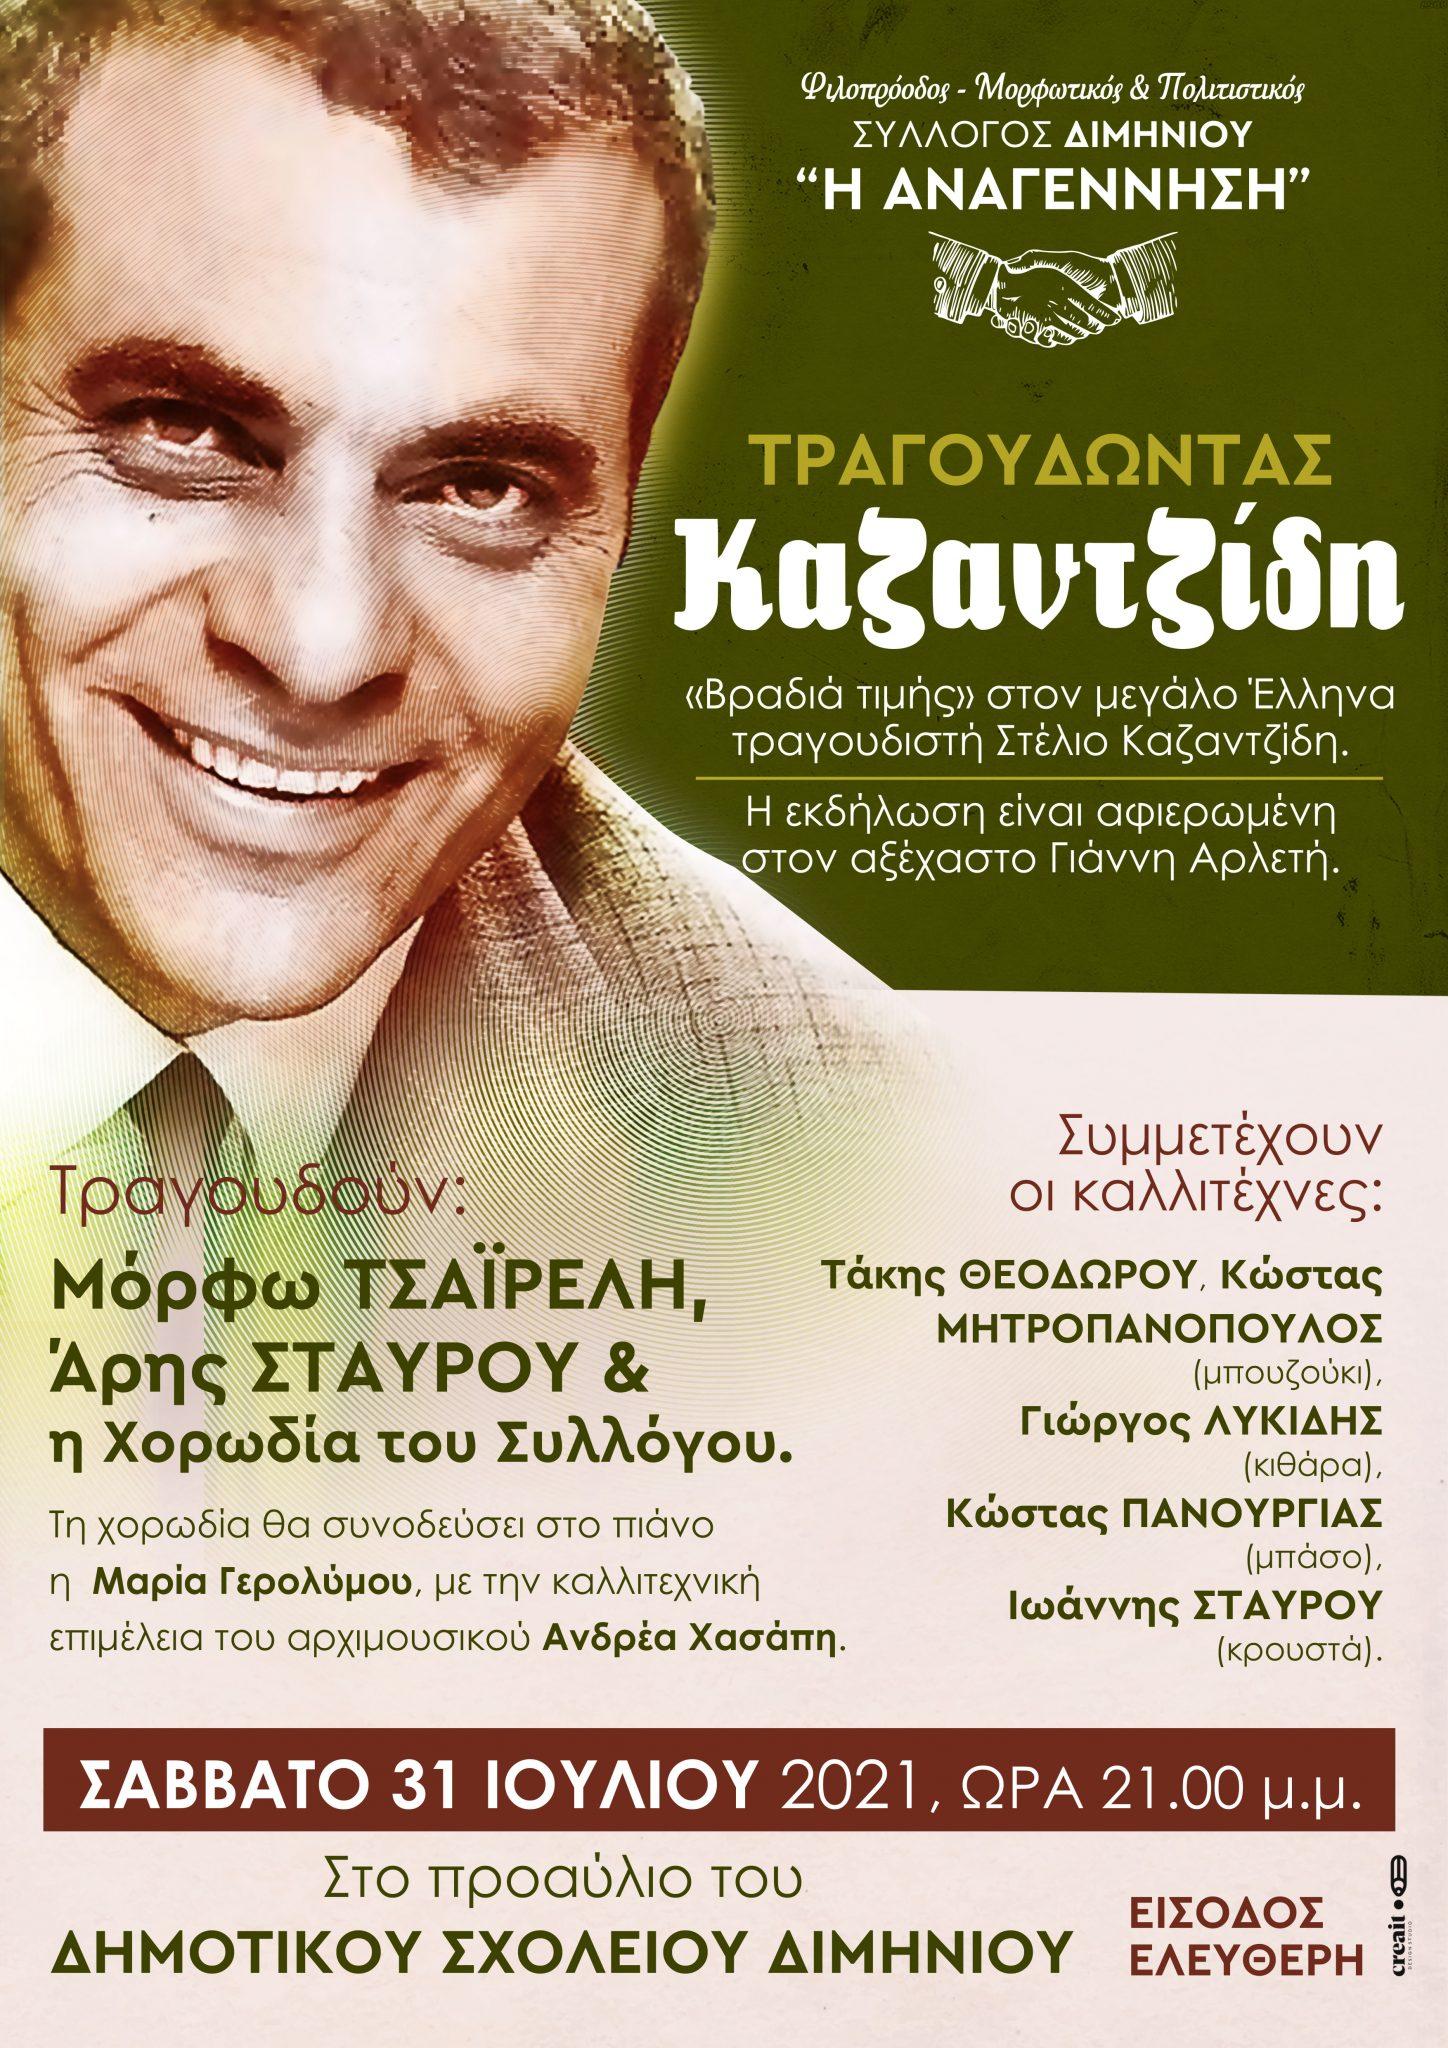 Συναυλία – Αφιέρωμα στον Στέλιο Καζαντζίδη .